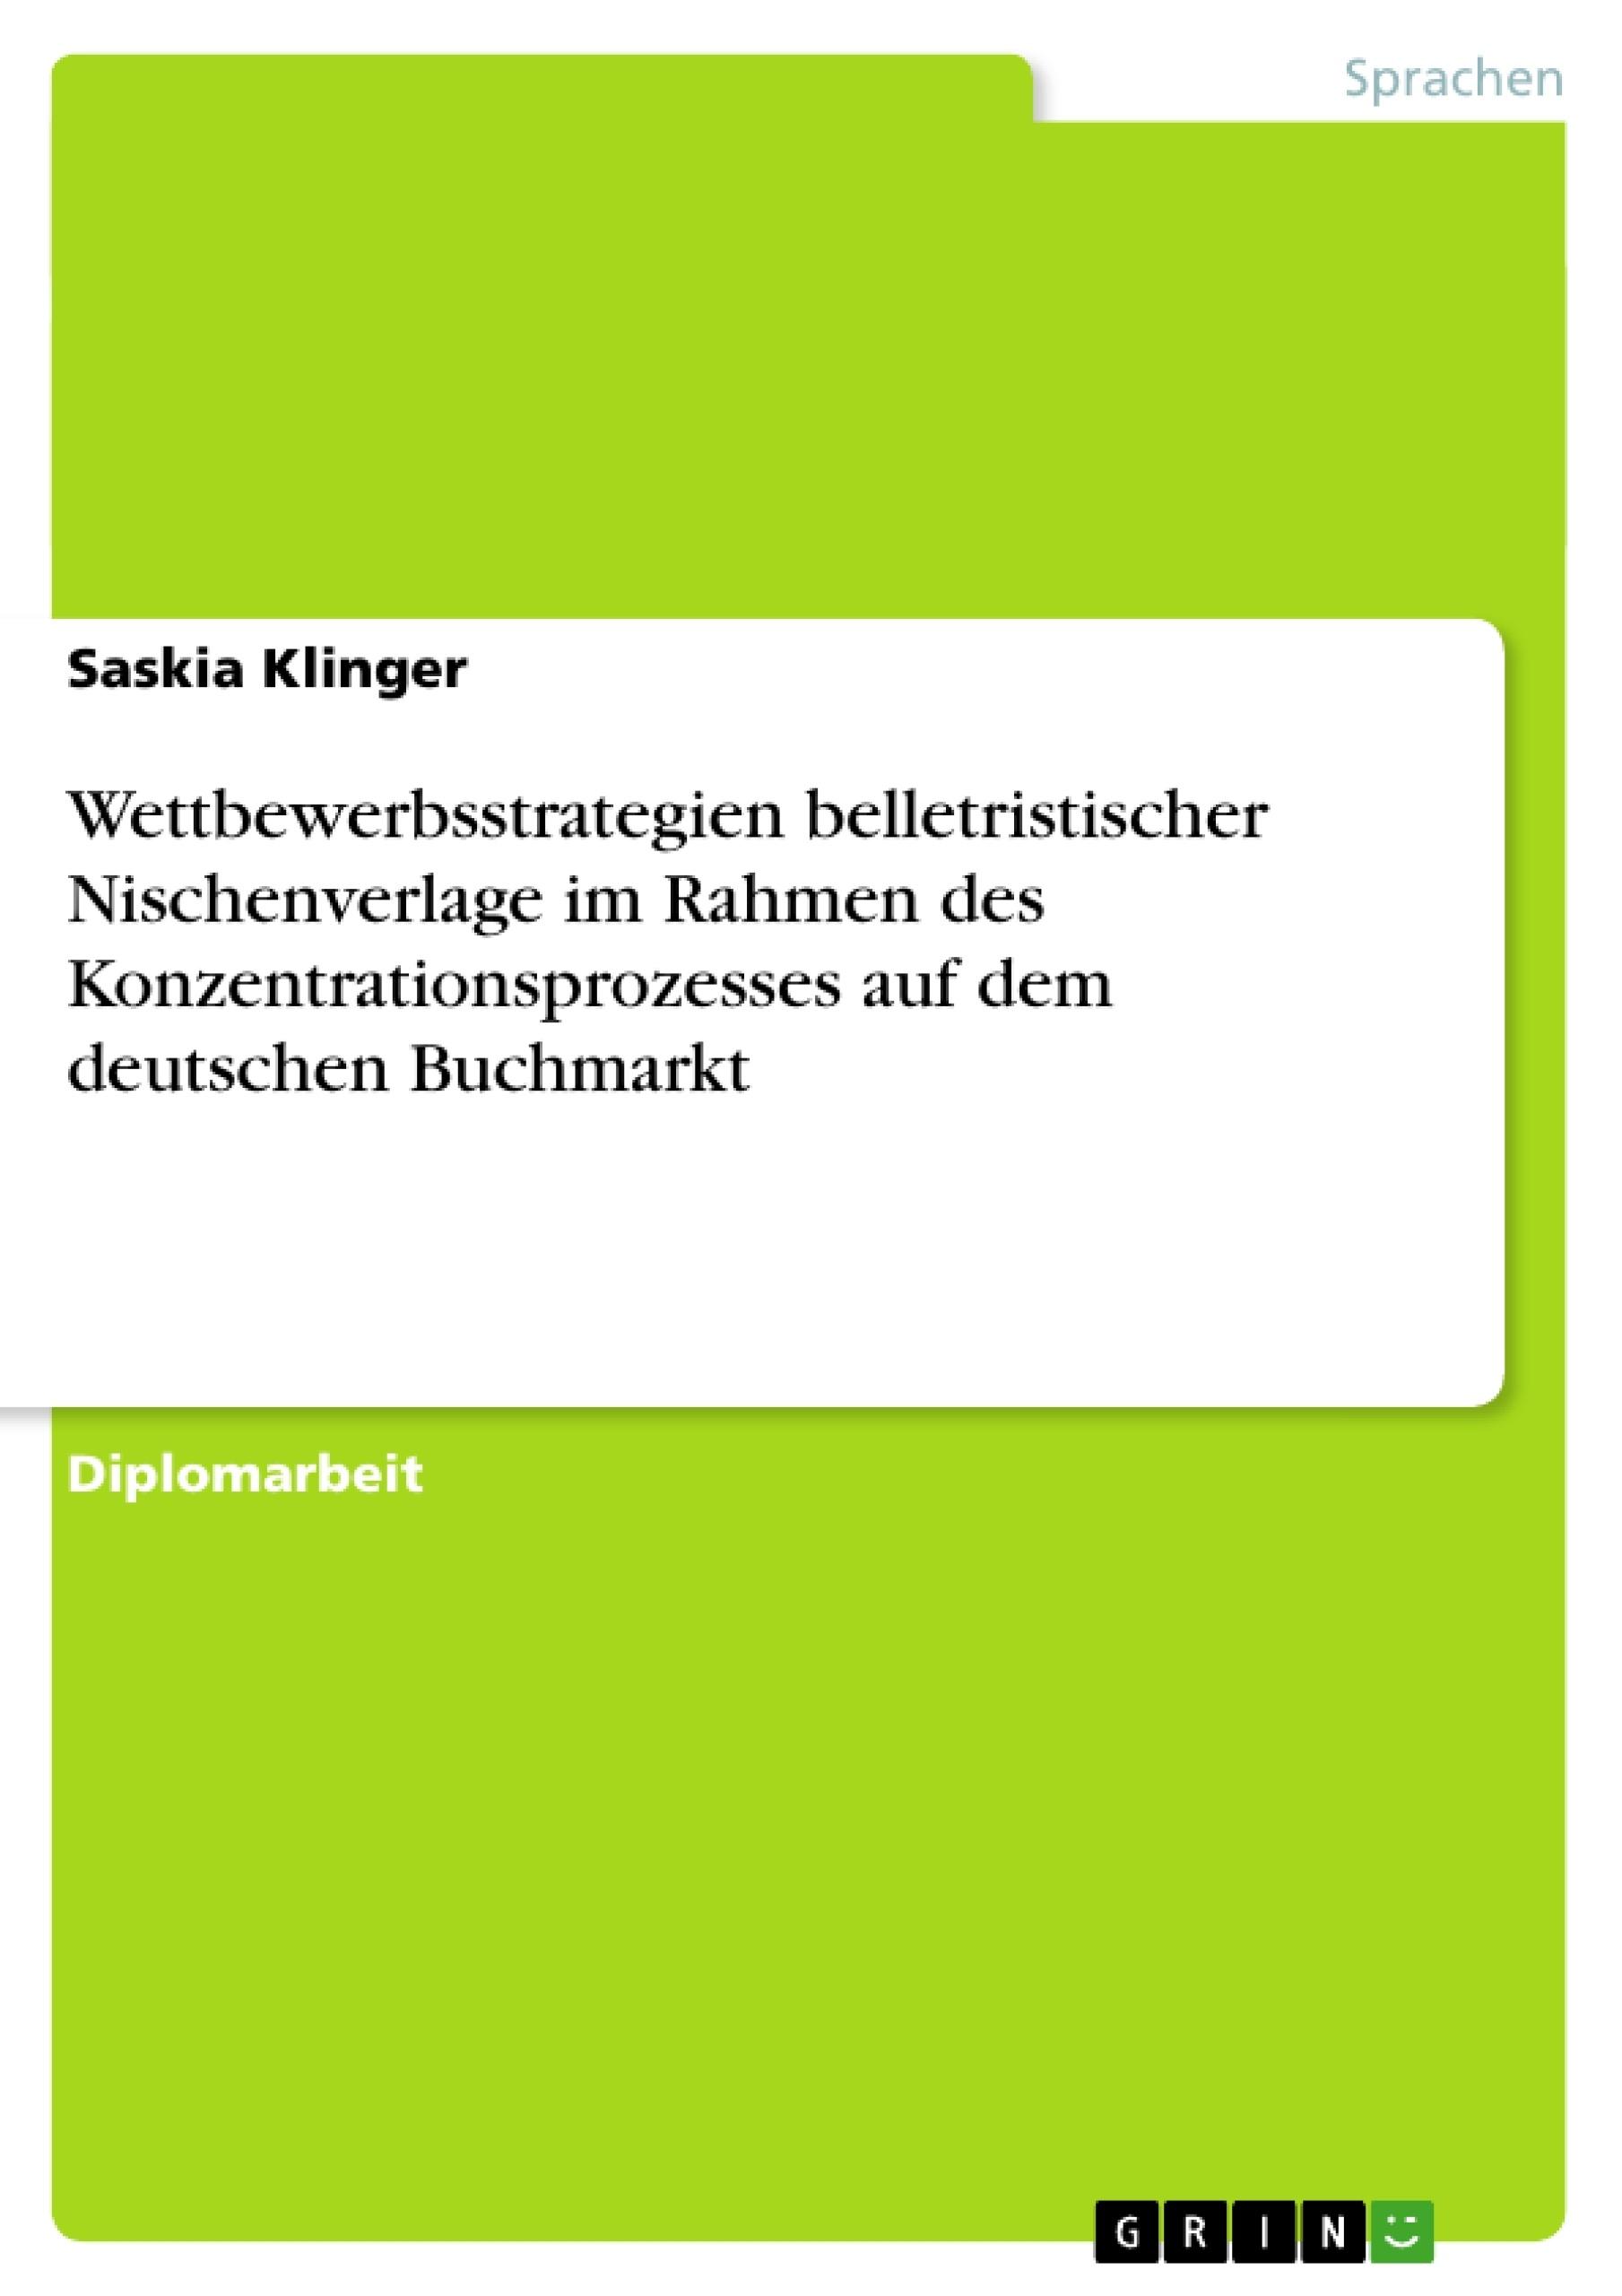 Titel: Wettbewerbsstrategien belletristischer Nischenverlage im Rahmen des Konzentrationsprozesses auf dem deutschen Buchmarkt